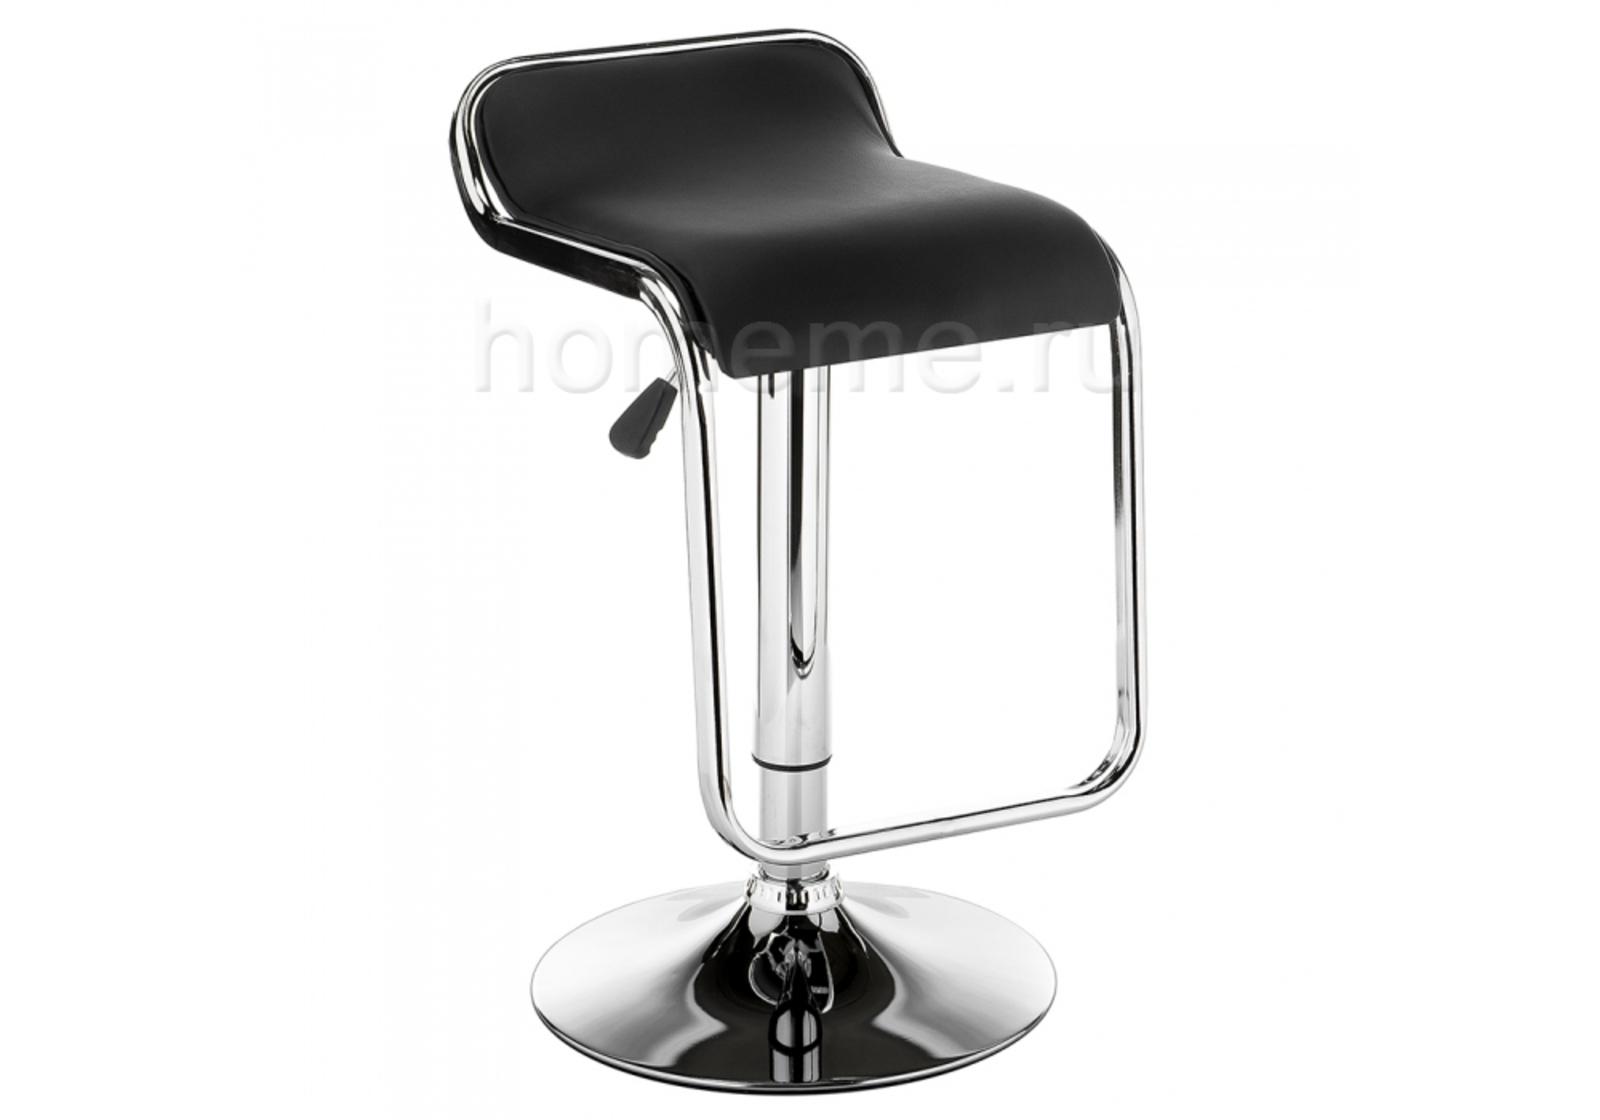 Барный стул Hosu черный 11167 Hosu черный 11167 (15042)